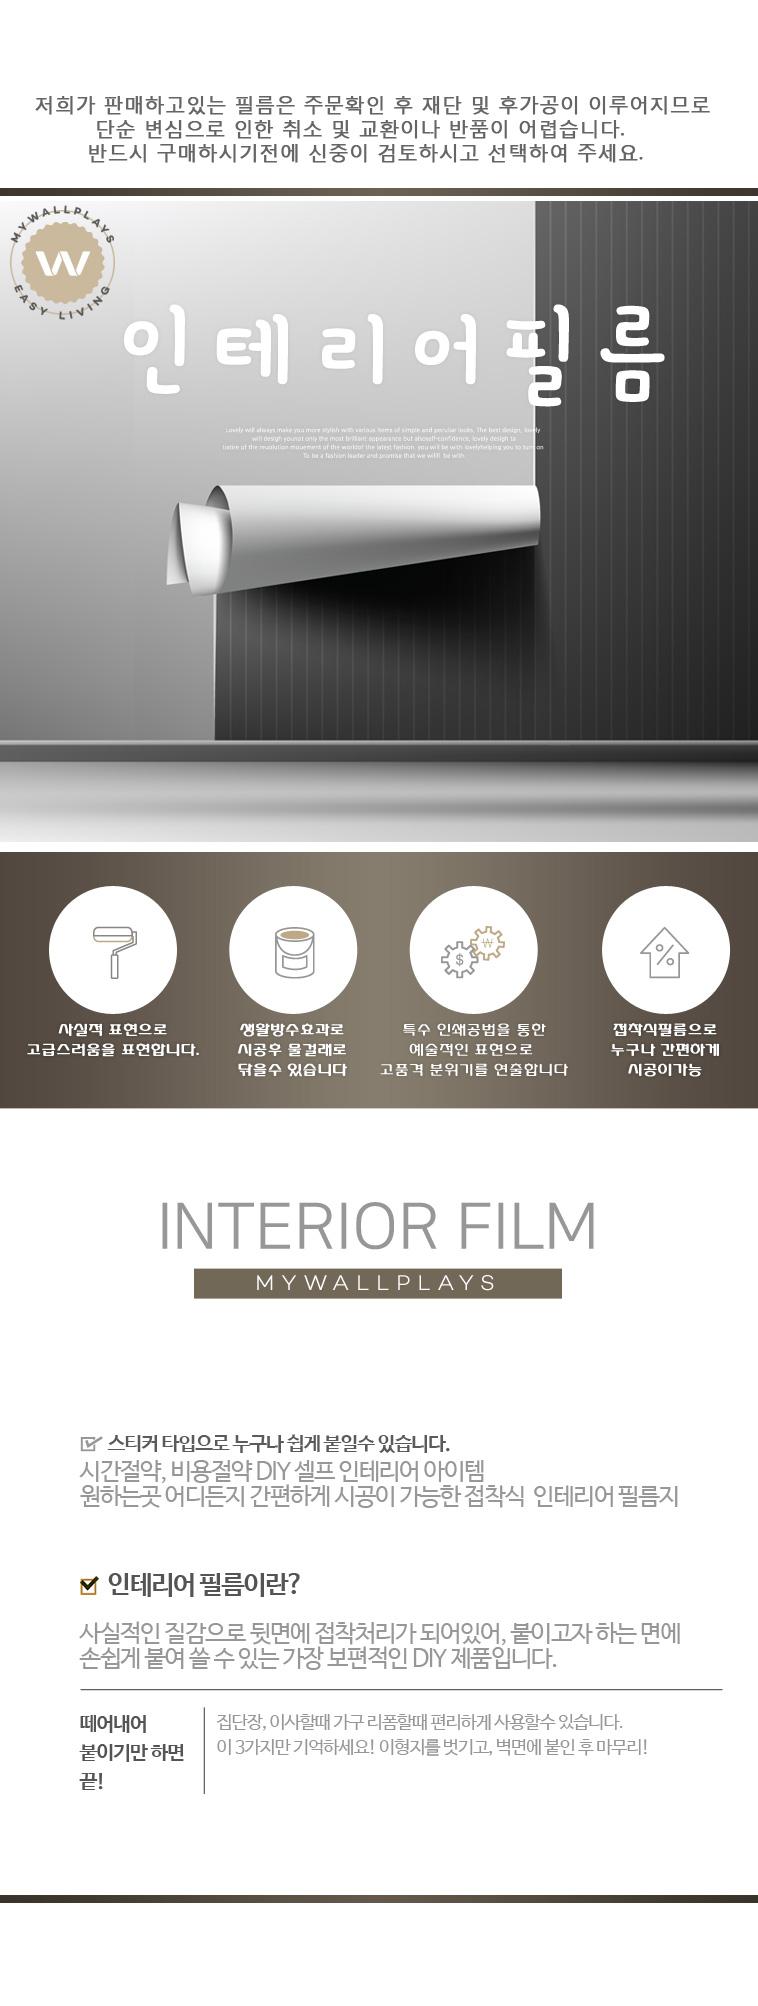 금속필름 메탈느낌 인테리어필름 골드필름 금박시트 - 마이월플레이즈, 1,700원, 벽지/시트지, 디자인벽지